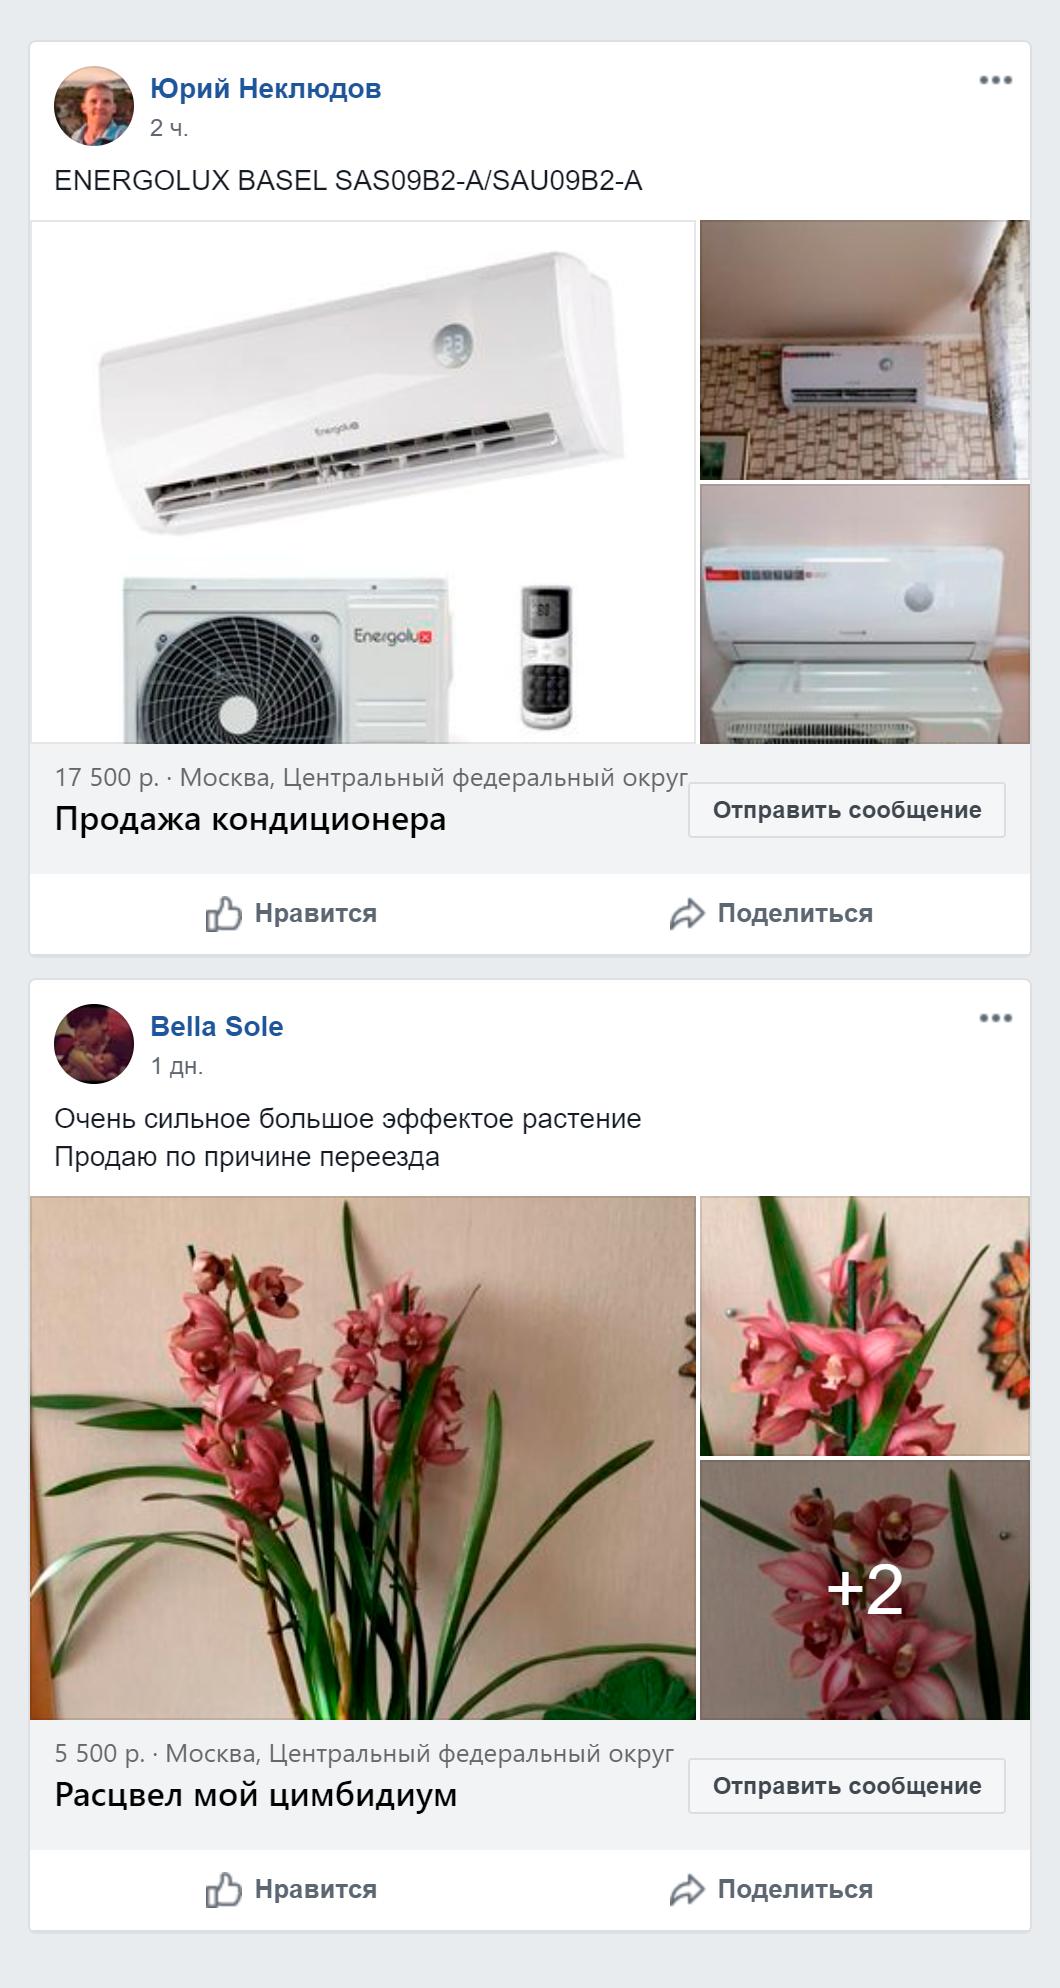 В группах по продажам в «Фейсбуке» друг за другом идут объявления о продаже обуви, вышивок, квартир и сковородок. Но я все равно изредка нахожу там покупателей